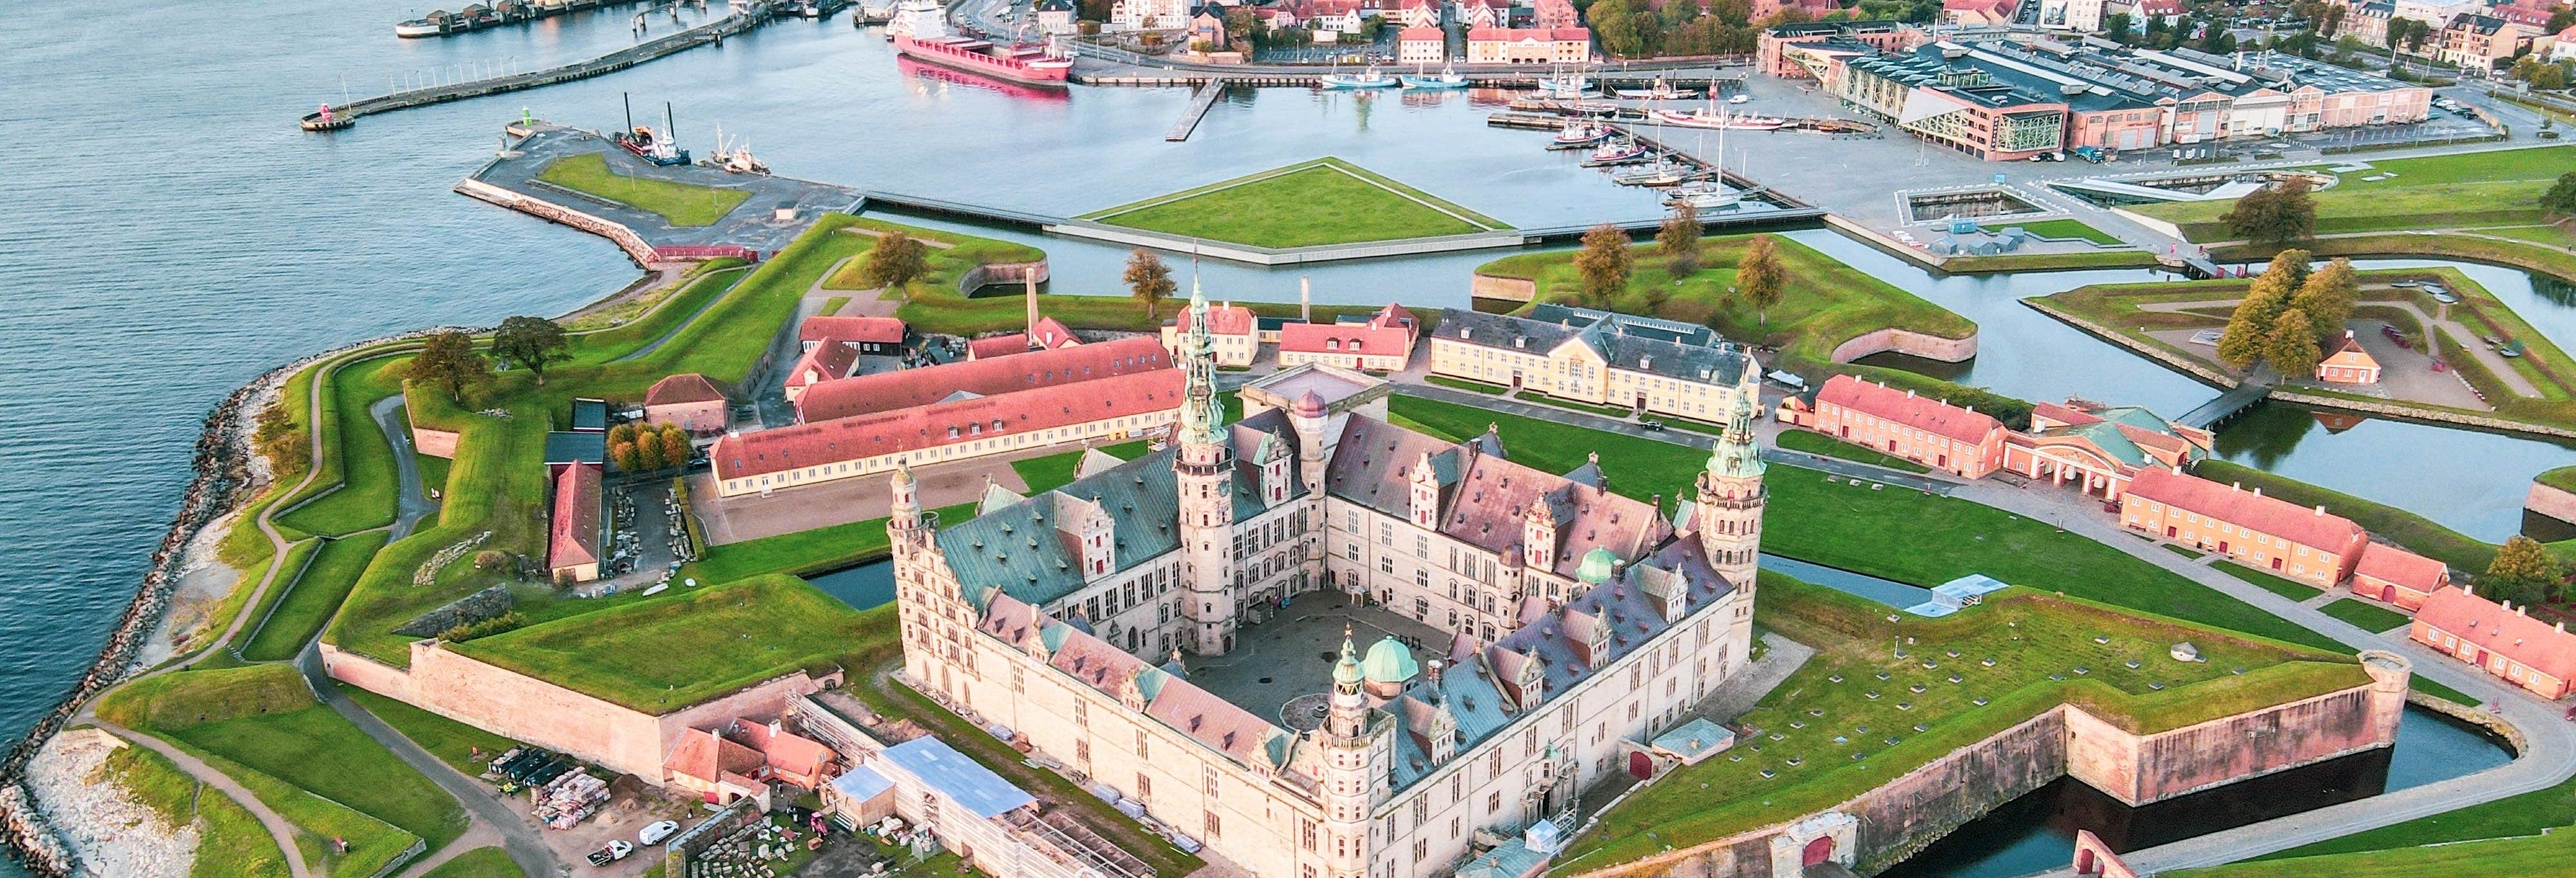 Escursione al castello di Kronborg, Lund e Malmö